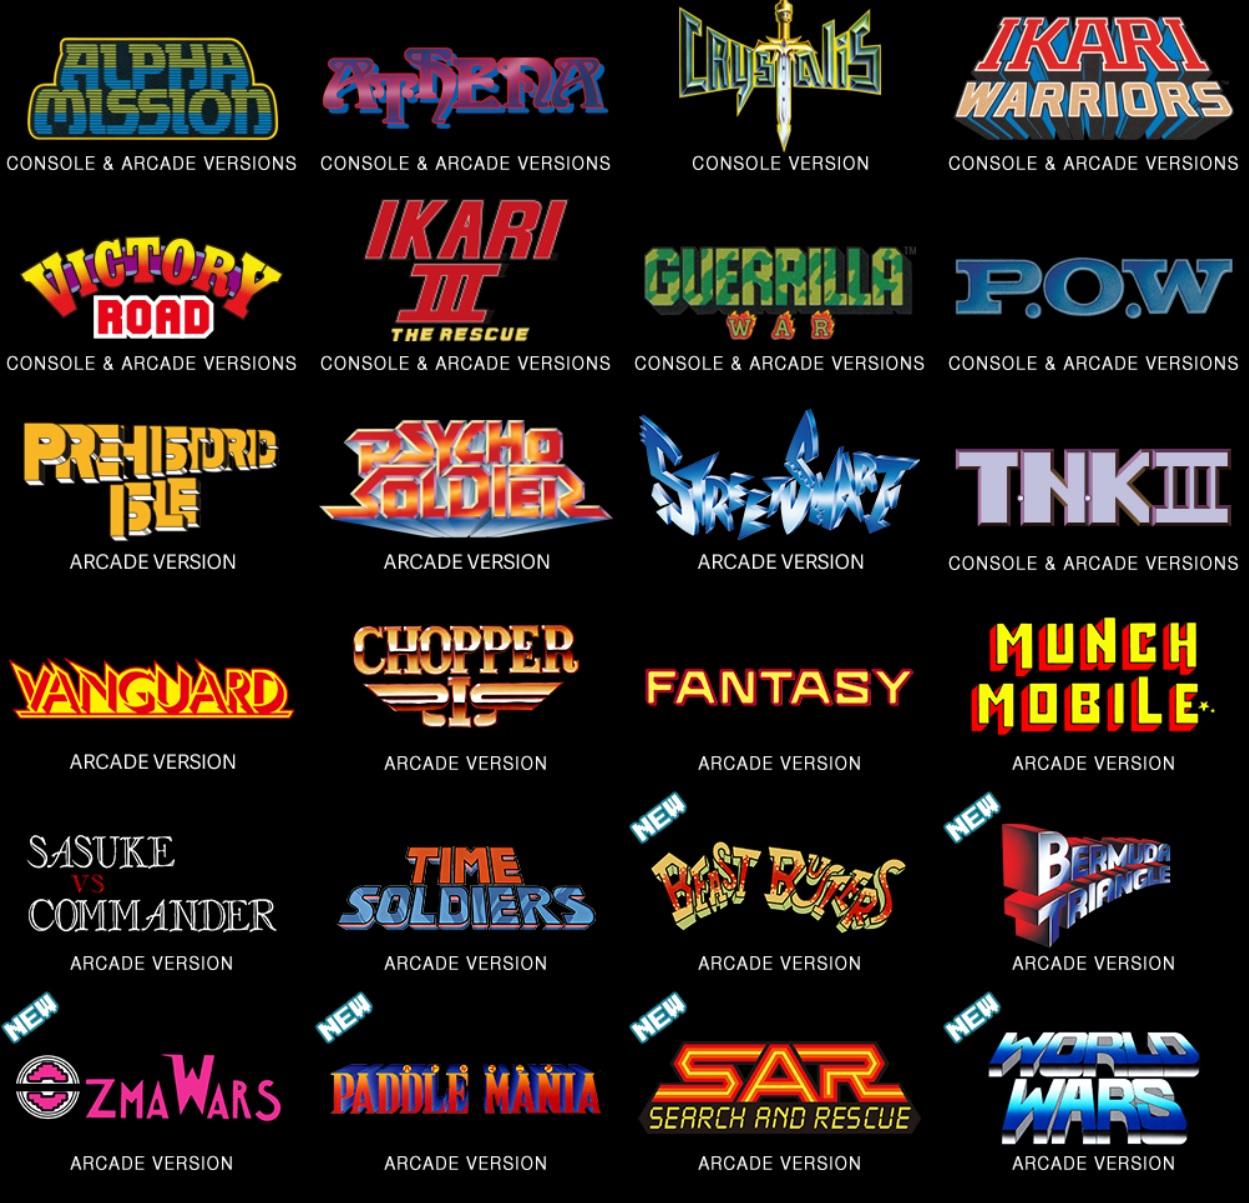 Liste des jeux SNK 40th Anniversary Collection